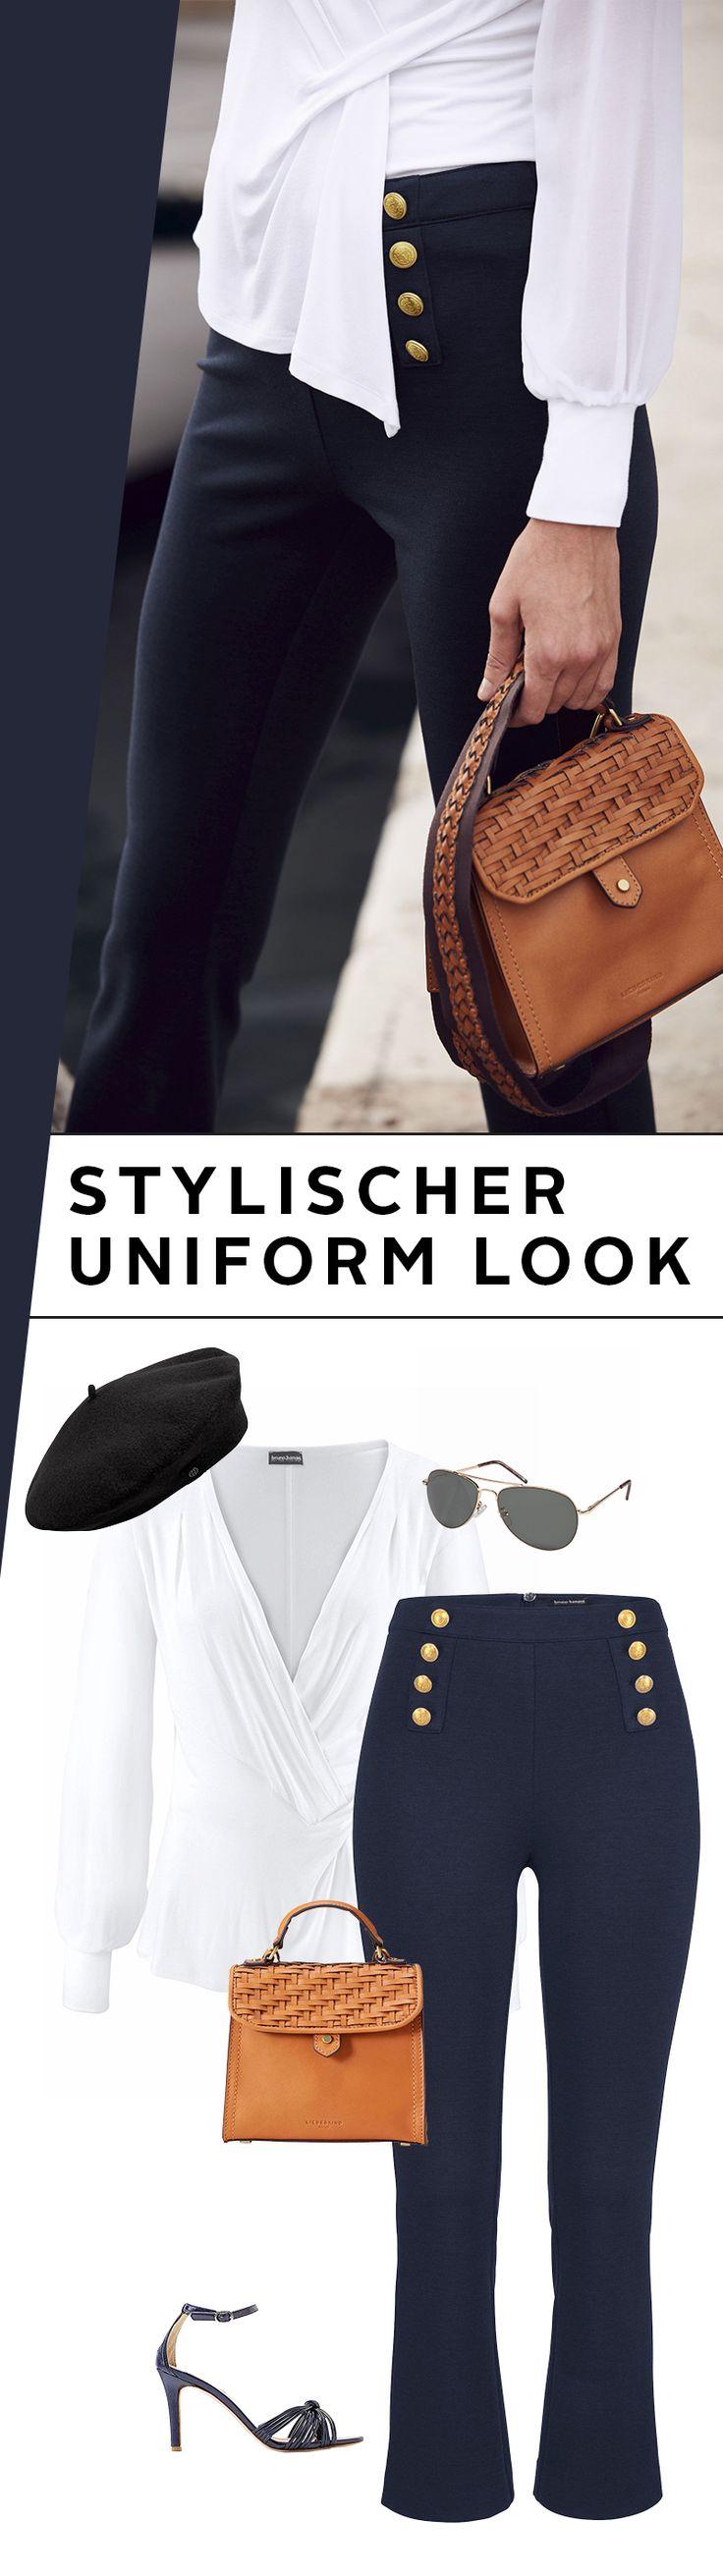 Auch ohne eigenes Boot macht dich dieses zauberhafte Marine-Outfit zum Style-Kapitän! Die 7/8-Hose im Uniform-Look passt super zum Langarmshirt von Bruno Banani und den eleganten Sandaletten. Setz die Segel für einen atemberaubenden Auftritt!